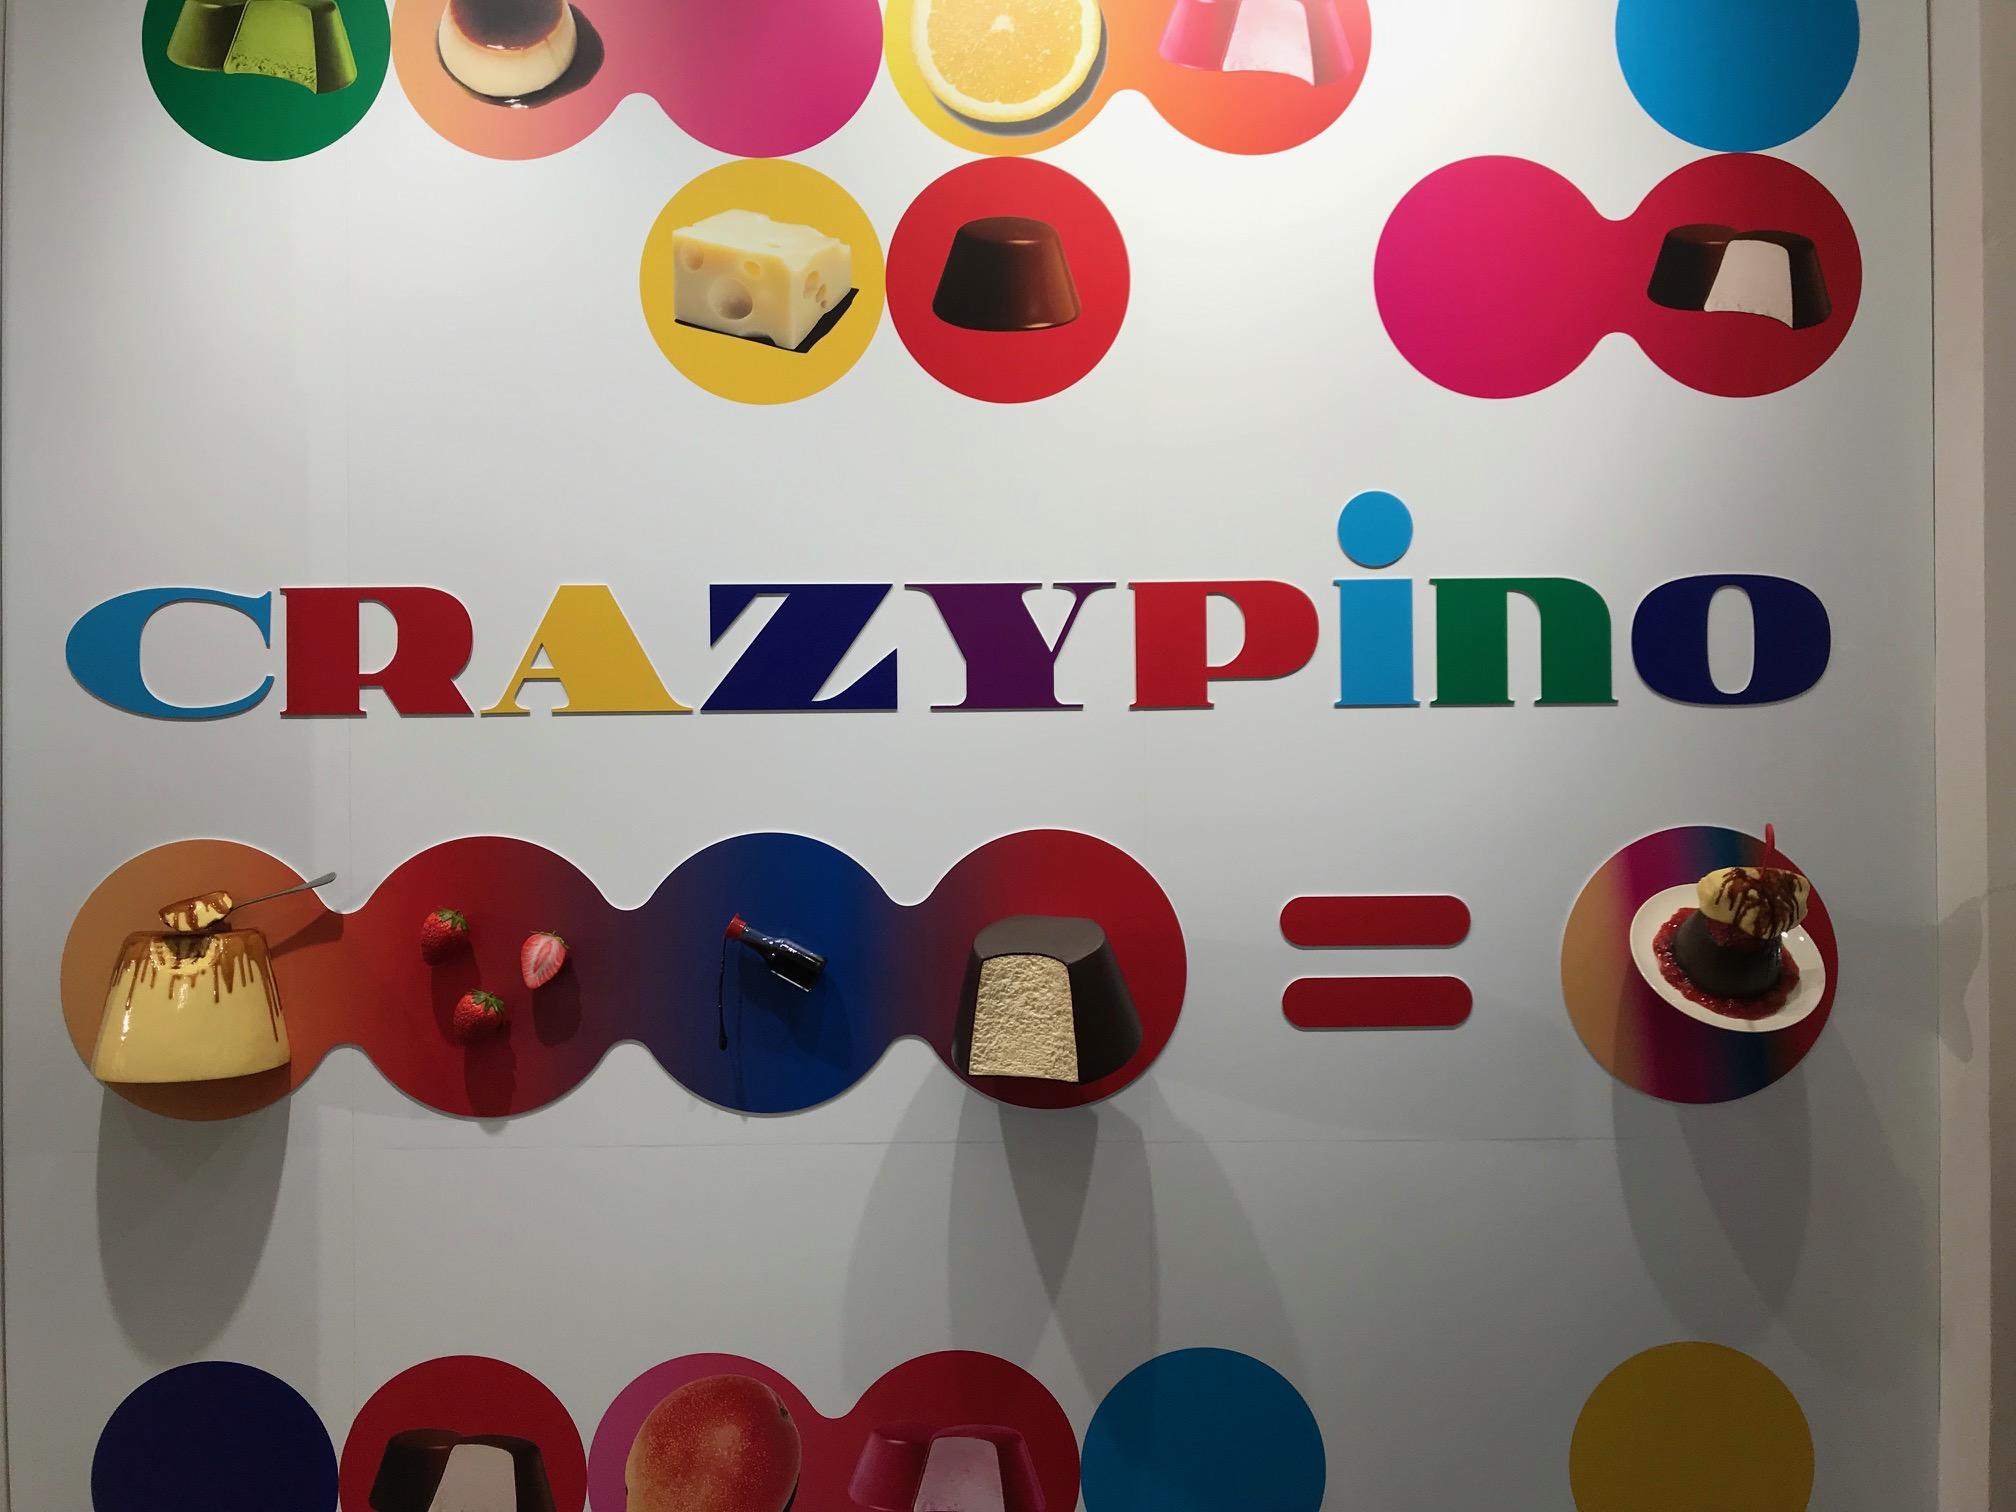 タピオカと「ピノ」を一緒に食べる!? 「ピノ」の未知の美味しさを楽しむ「CRAZYpino STUDIO」Photo Gallery_1_2